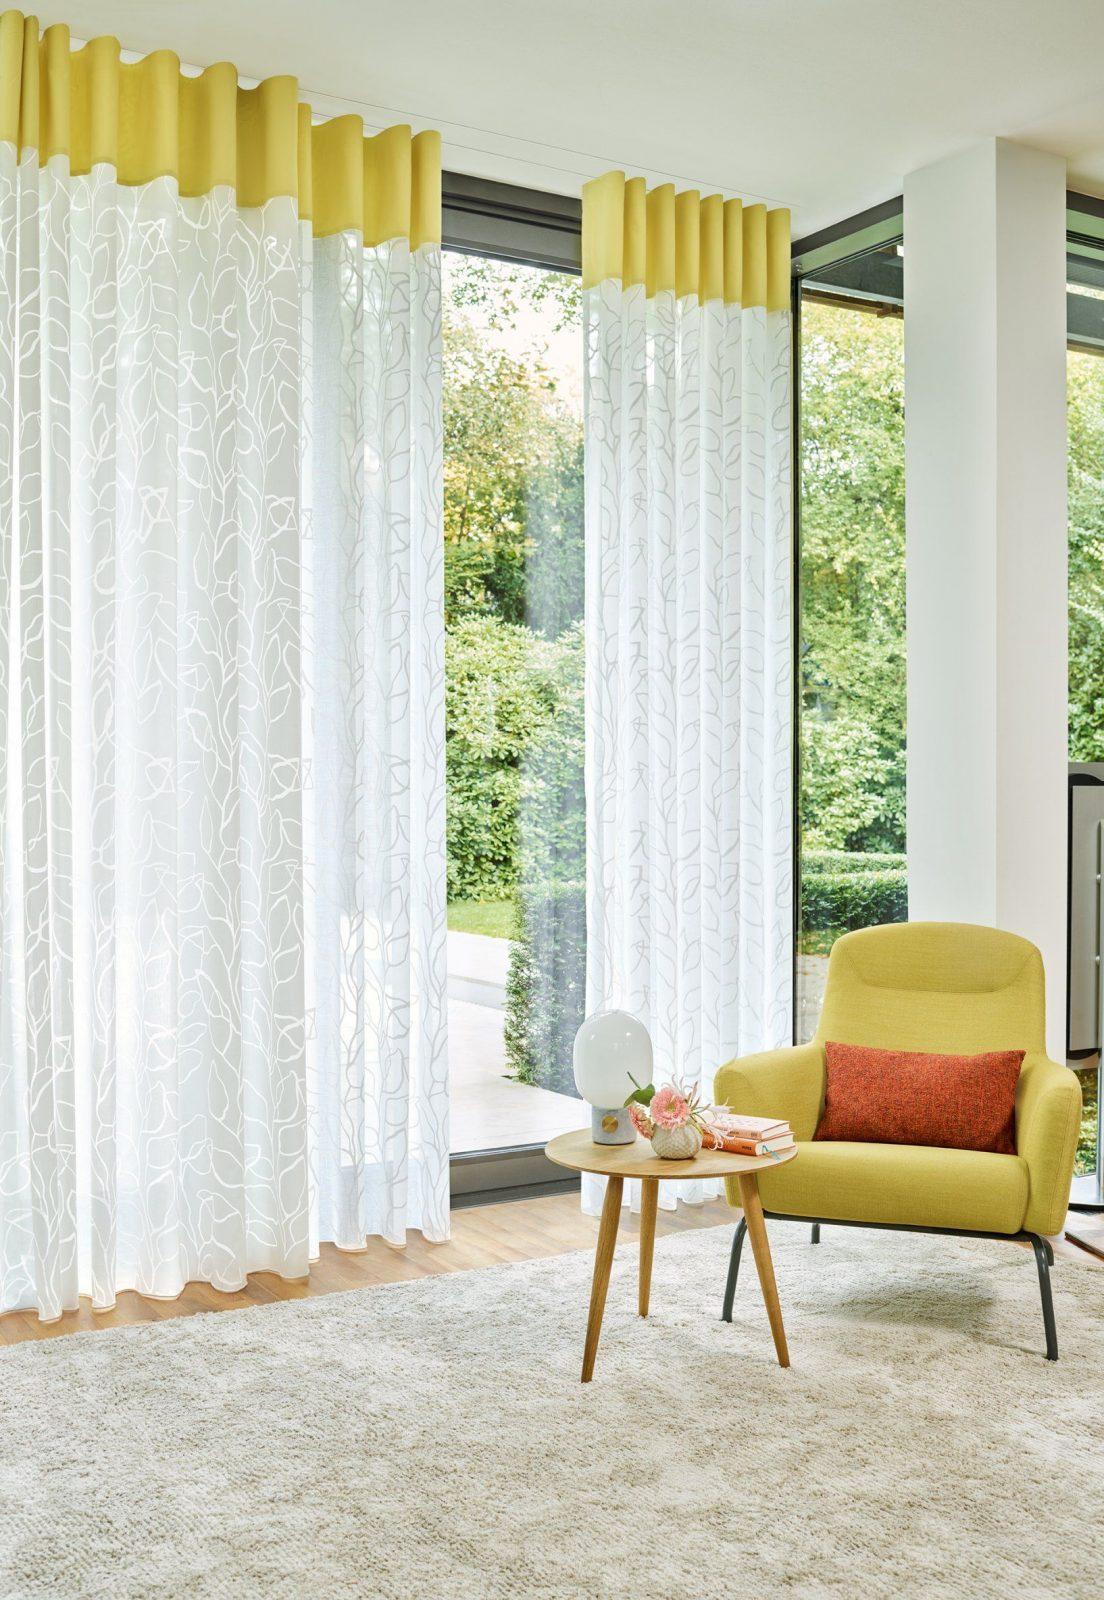 Die Perfekten Stoffe Für Ihr Zuhause  Ado Goldkante von Ado Gardinen Preise Bild